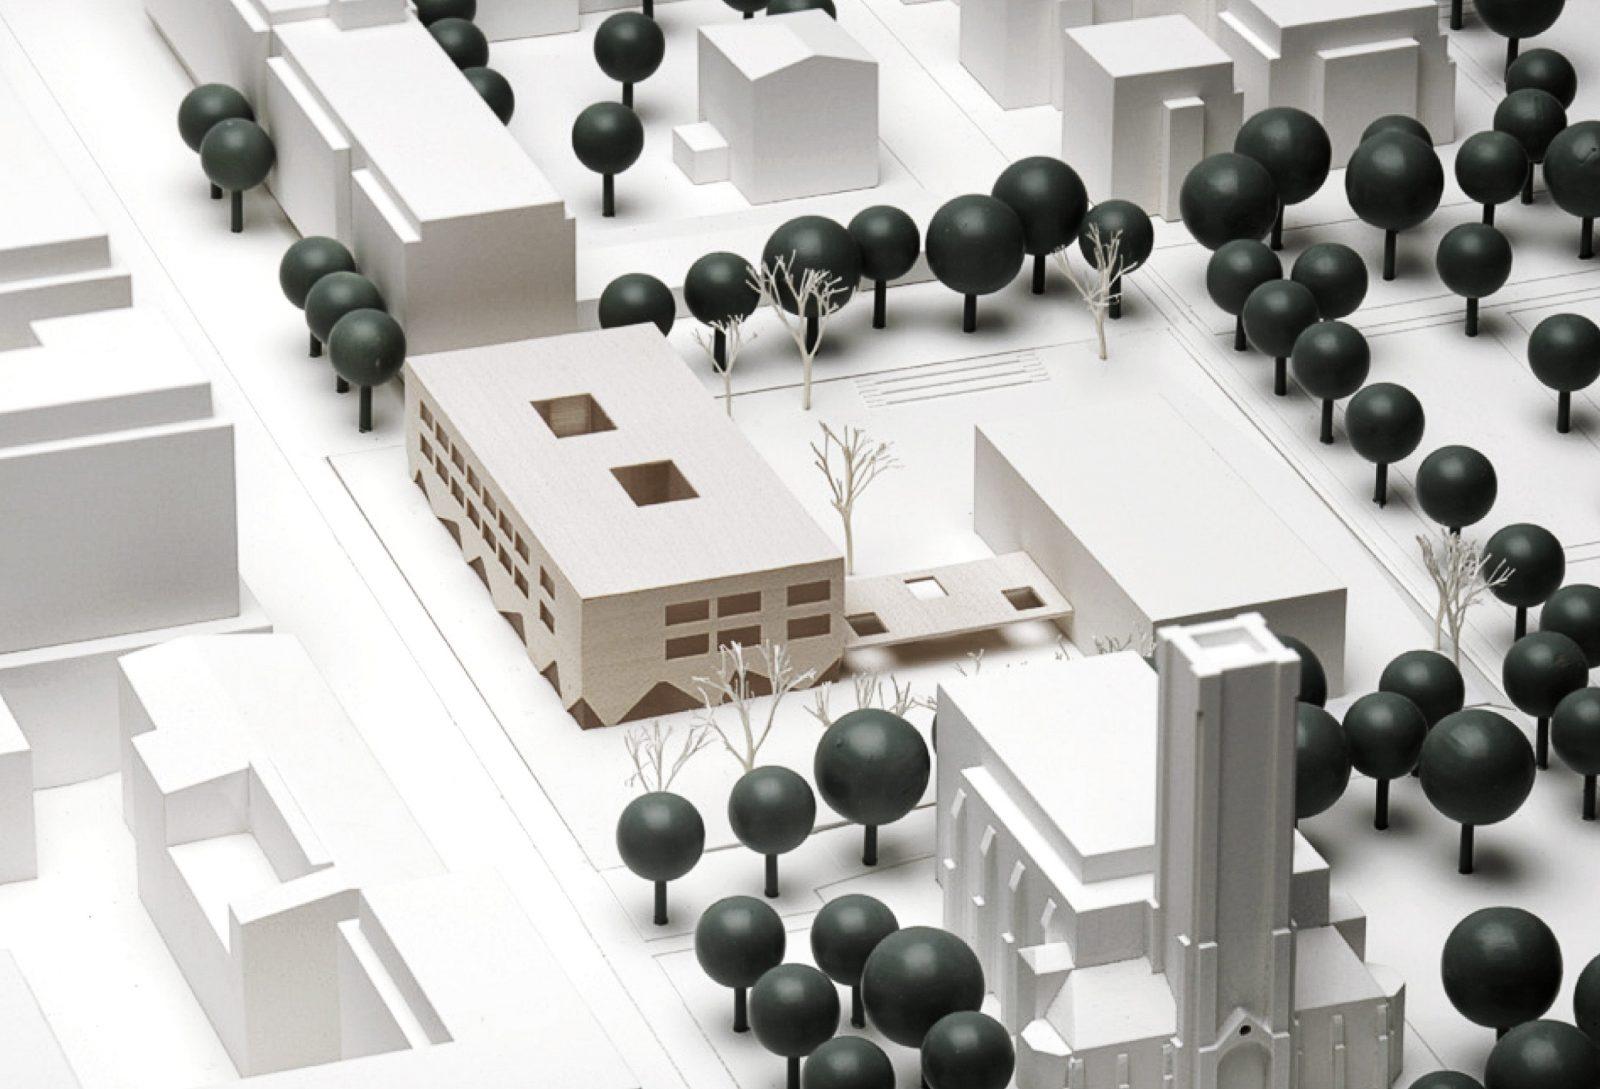 Neubau der Grundschule Pufendorfstraße in Berlin Friedrichshain-Kreuzberg: Wettbewerbsmodell NAK Architekten